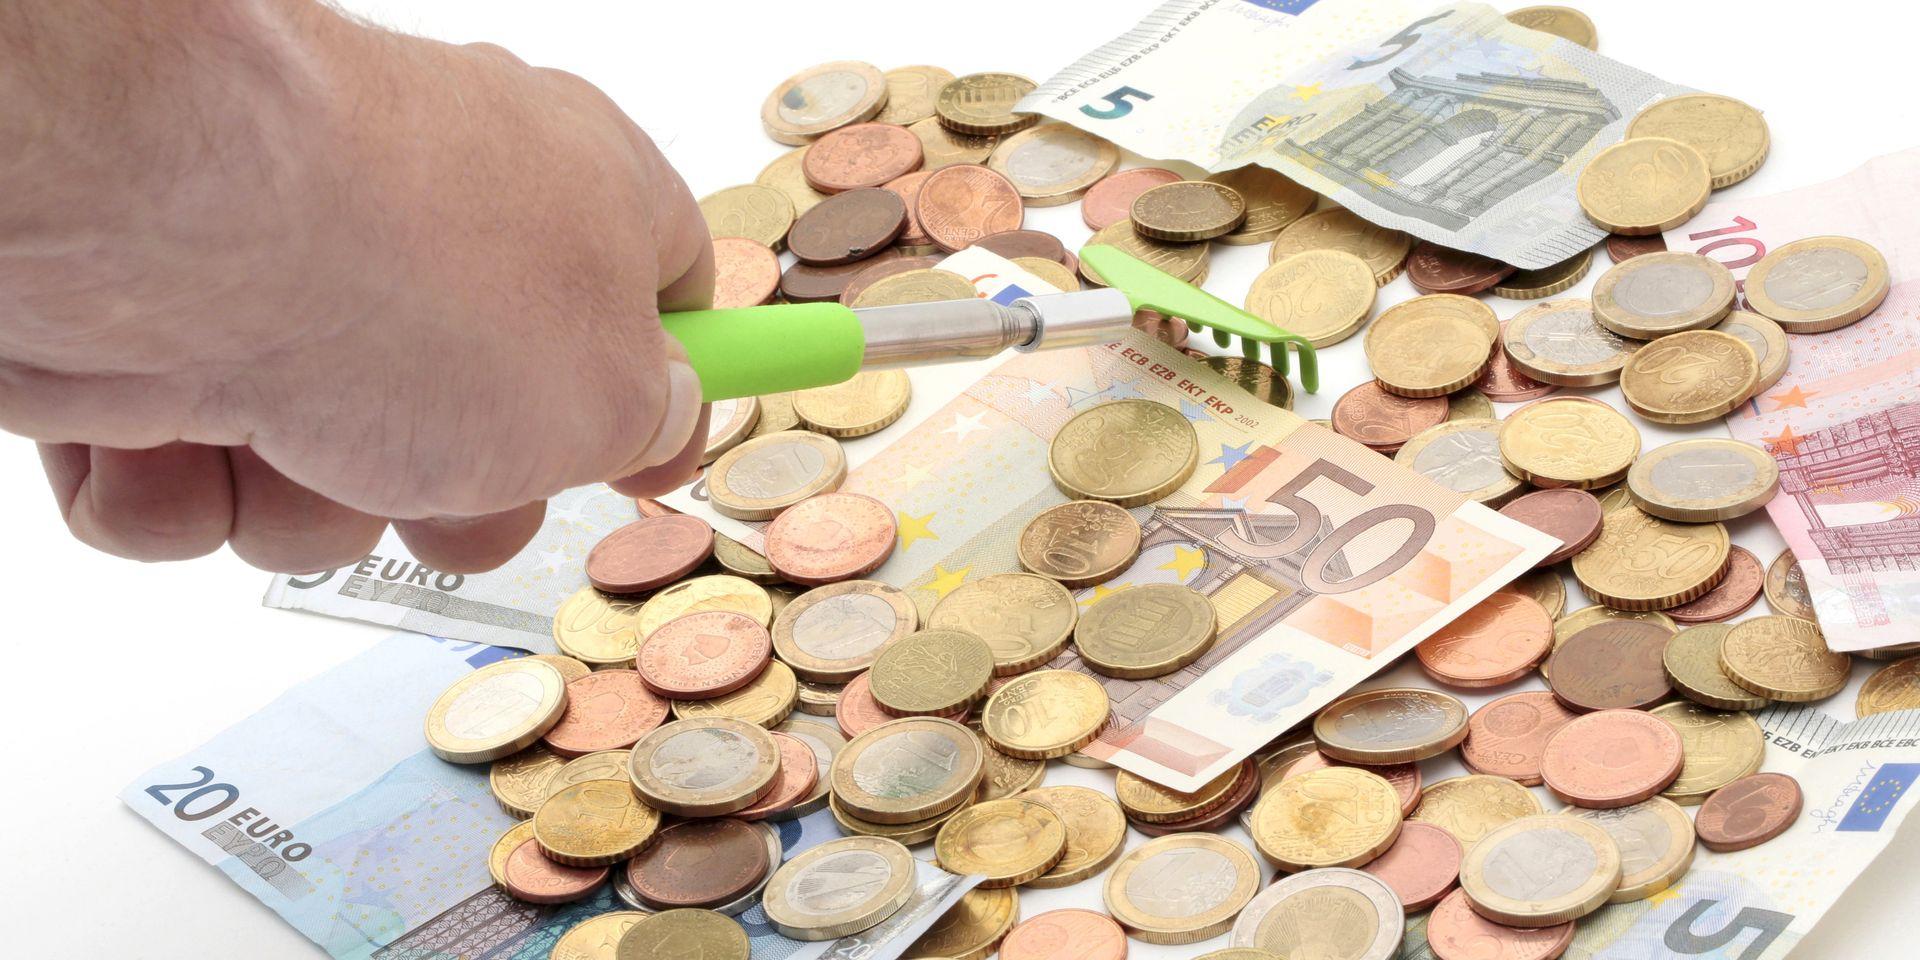 Les Grandes Dates De La Monnaie Unique Européenne Depuis Sa tout Pièces Et Billets En Euros À Imprimer